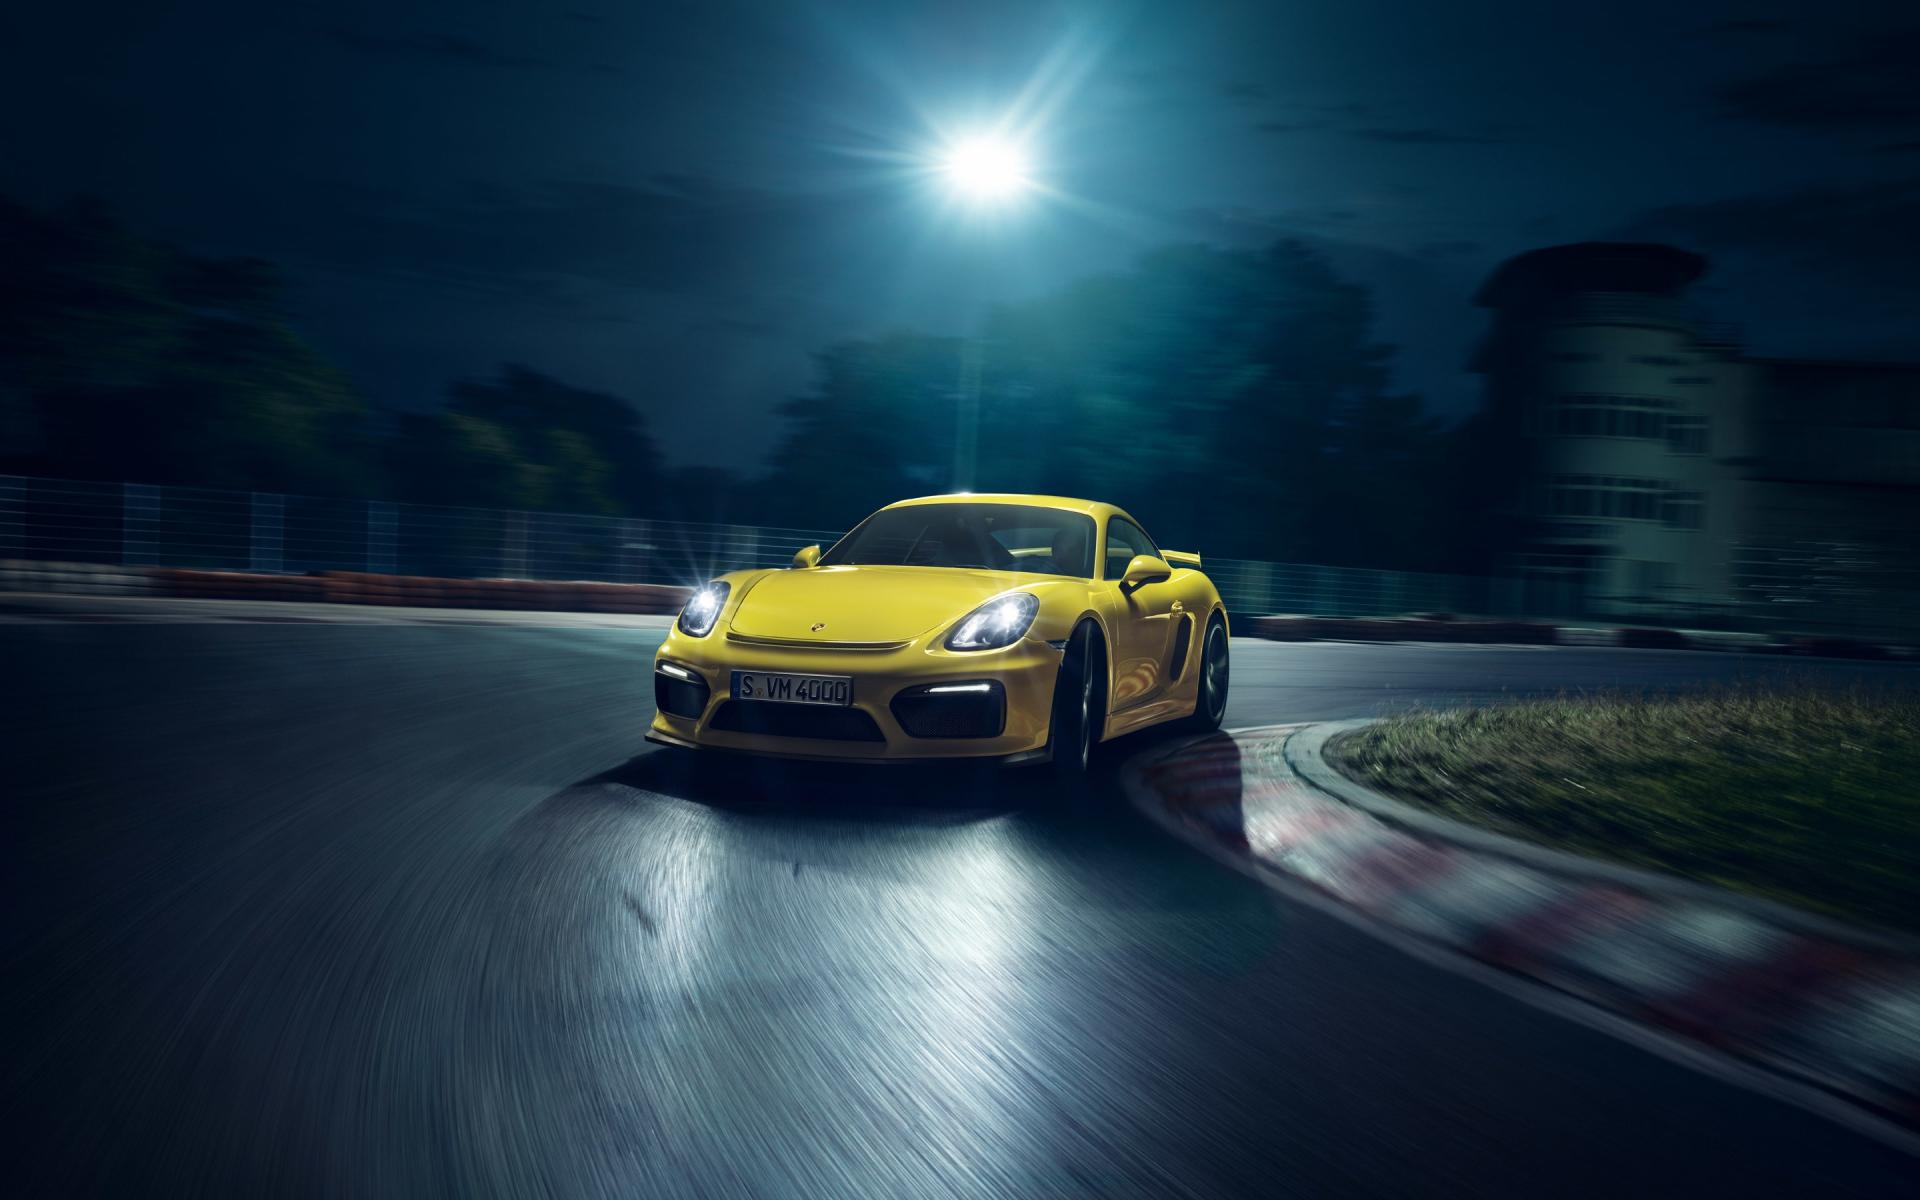 Cayman Gt4 Wall Paper: Porsche Cayman Wallpaper